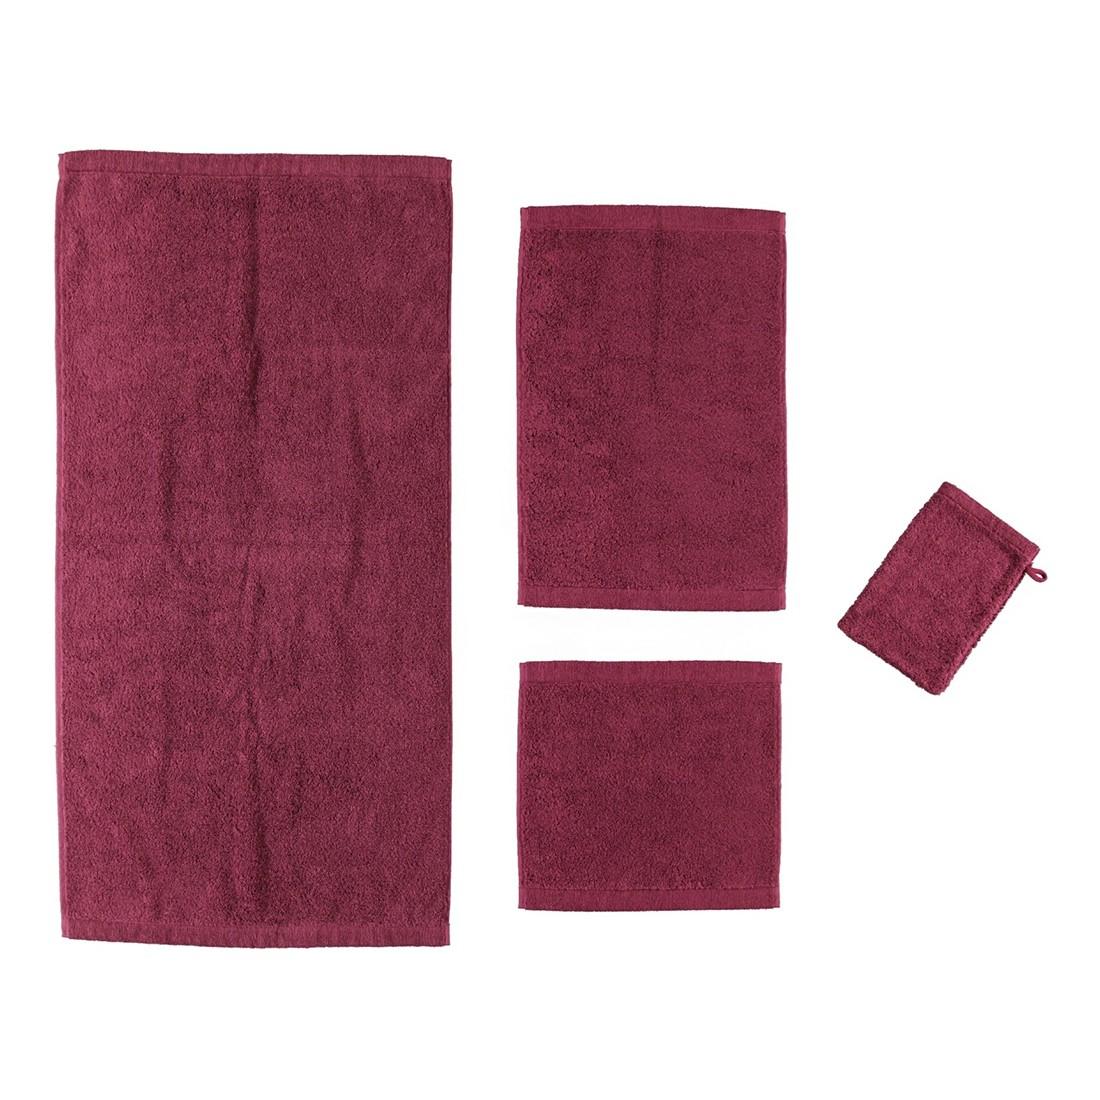 Handtuch Life Style Uni 7007 – 100% Baumwolle Beere – 815 – Gästetuch: 30 x 50 cm, Cawö kaufen